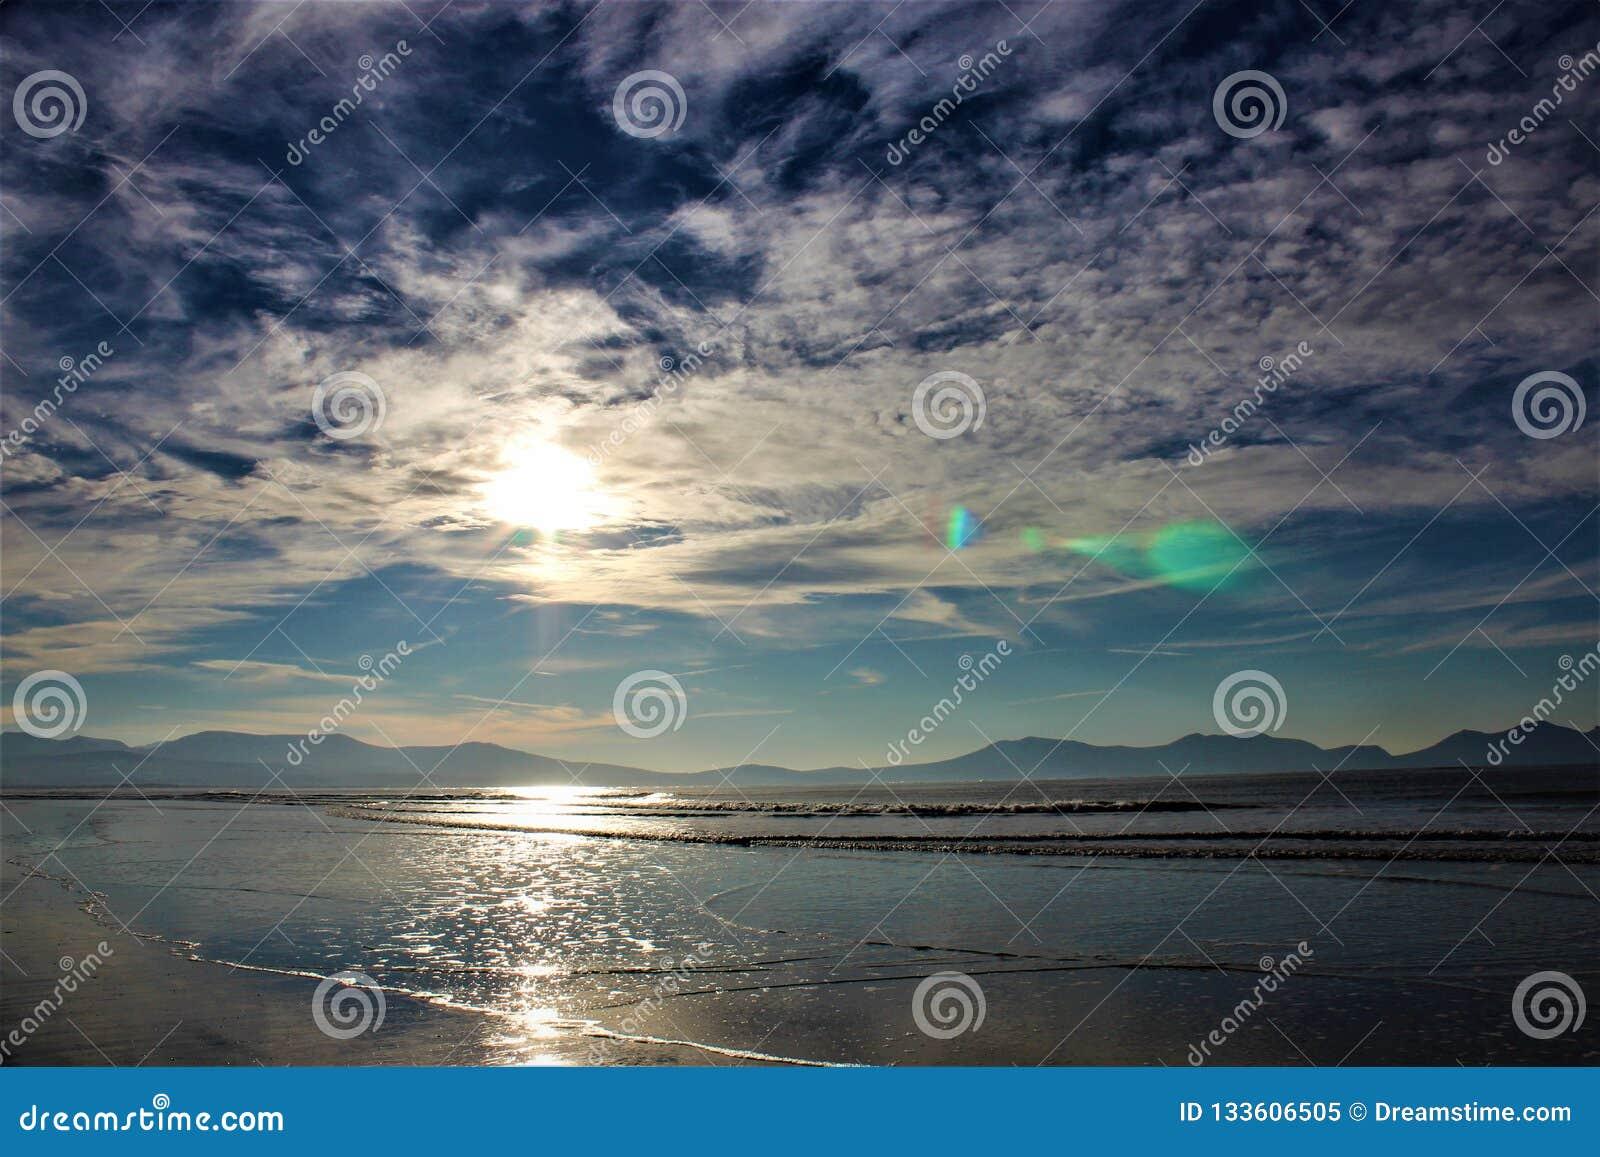 Текстура облаков на голубом небе